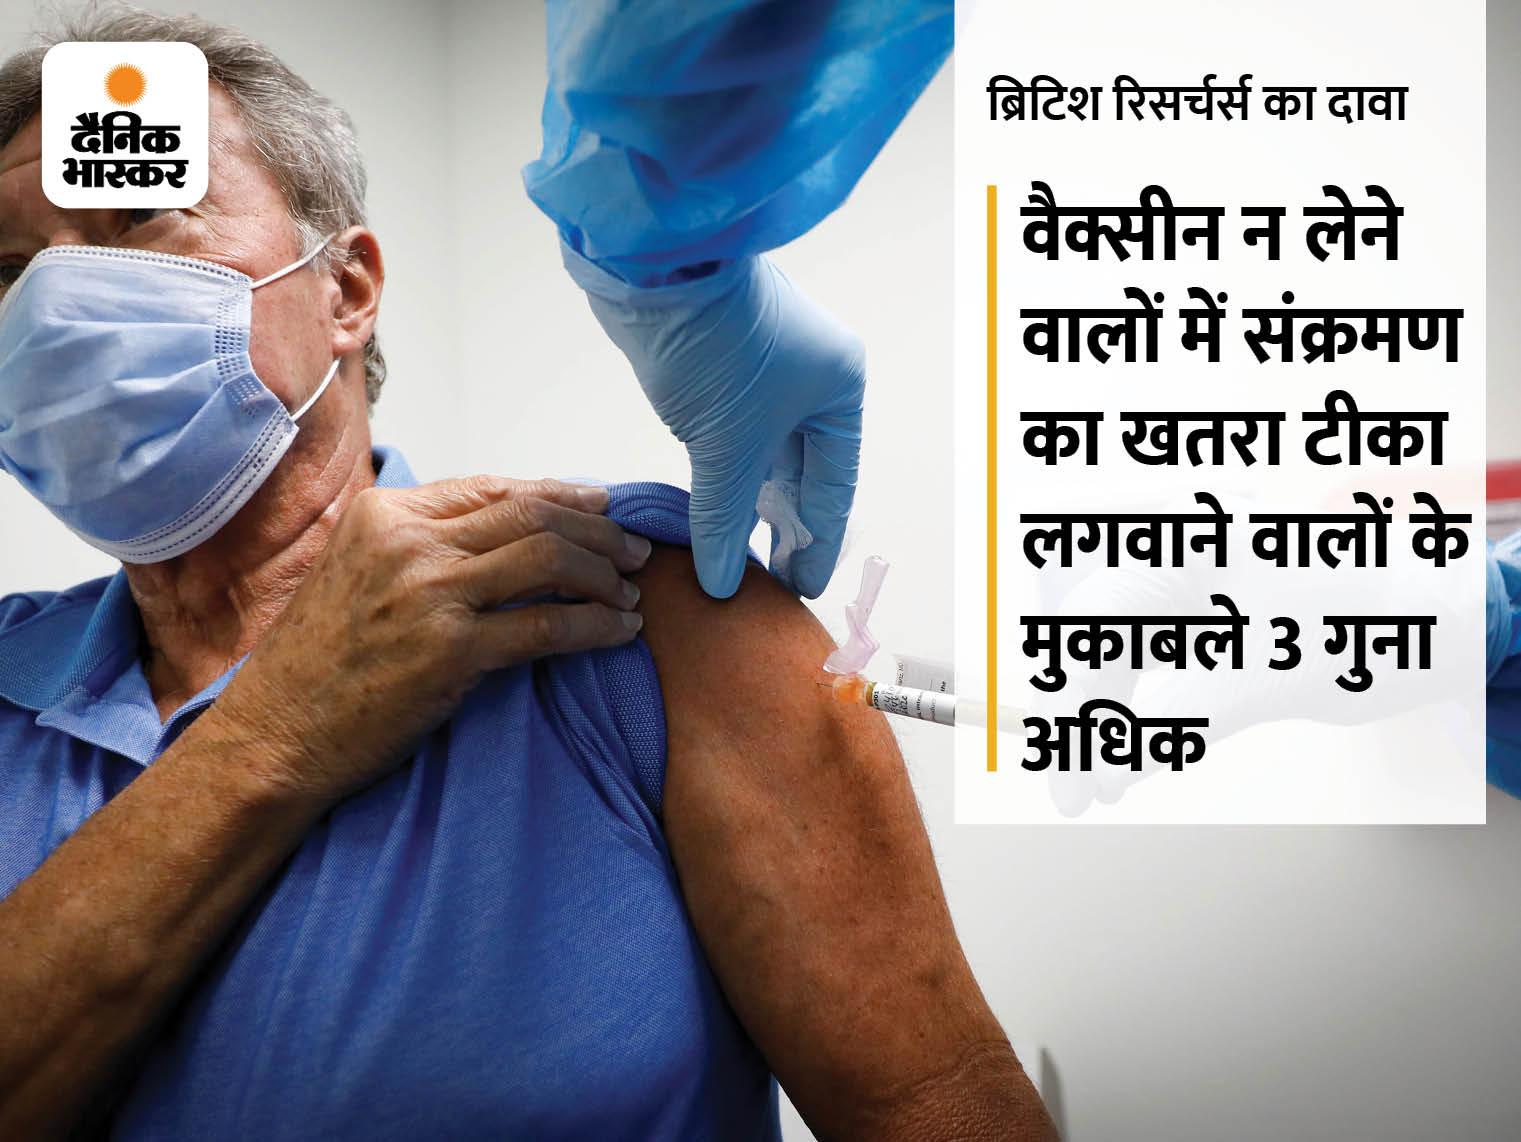 वैक्सीन के दोनों डोज लेने के बाद डेल्टा वायरस से संक्रमण का खतरा 60 फीसदी तक घट जाता है, इम्पीरियल कॉलेज लंदन का दावा|लाइफ & साइंस,Happy Life - Dainik Bhaskar